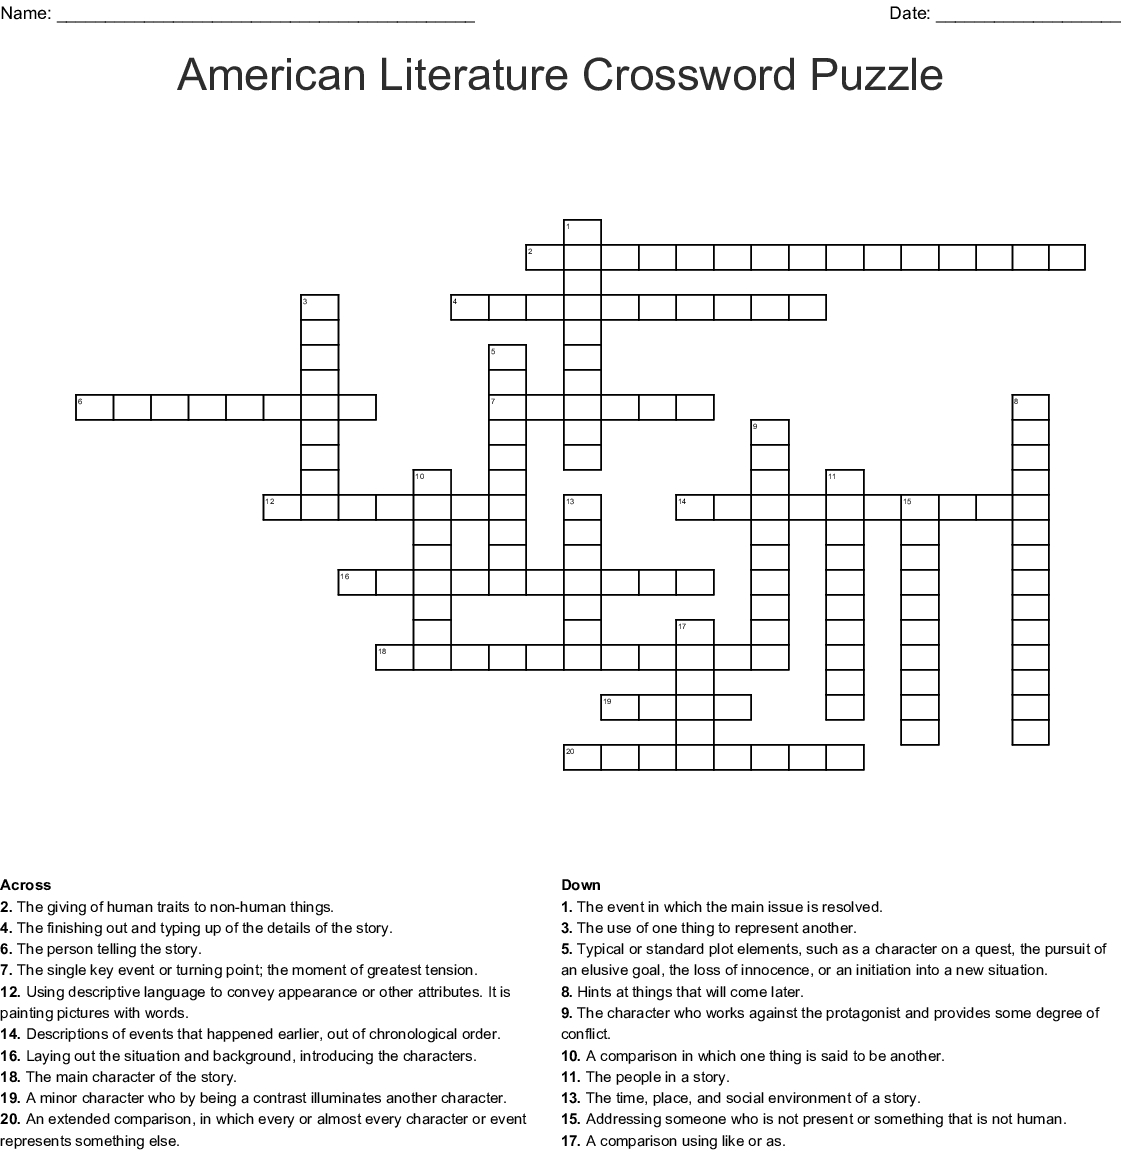 American Literature Crossword Puzzle Crossword - Wordmint - Printable Literature Crossword Puzzles